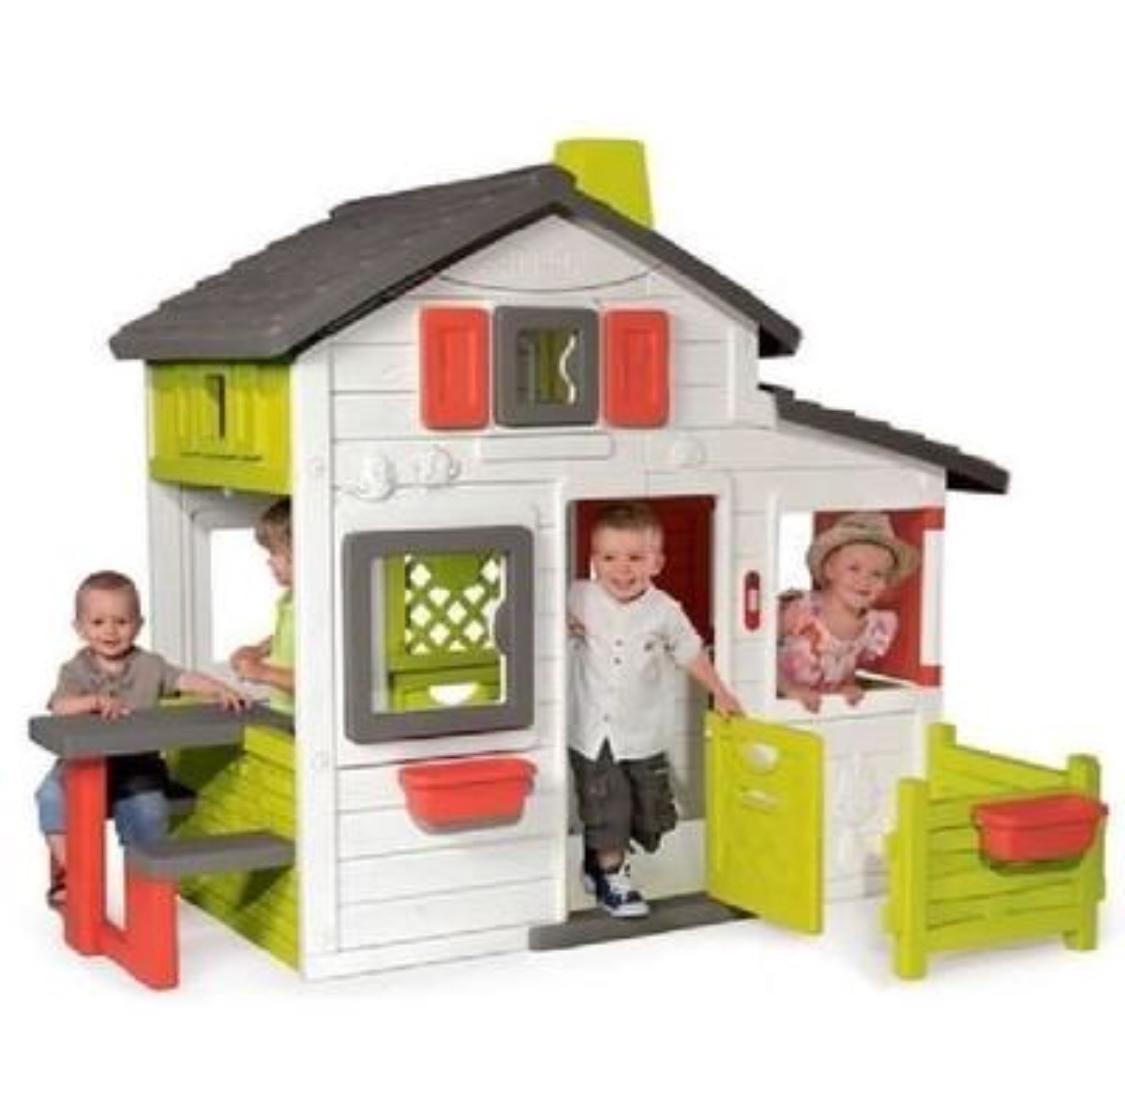 Jouet Cabane enfant Smoby Friends House avec sonnette incluse